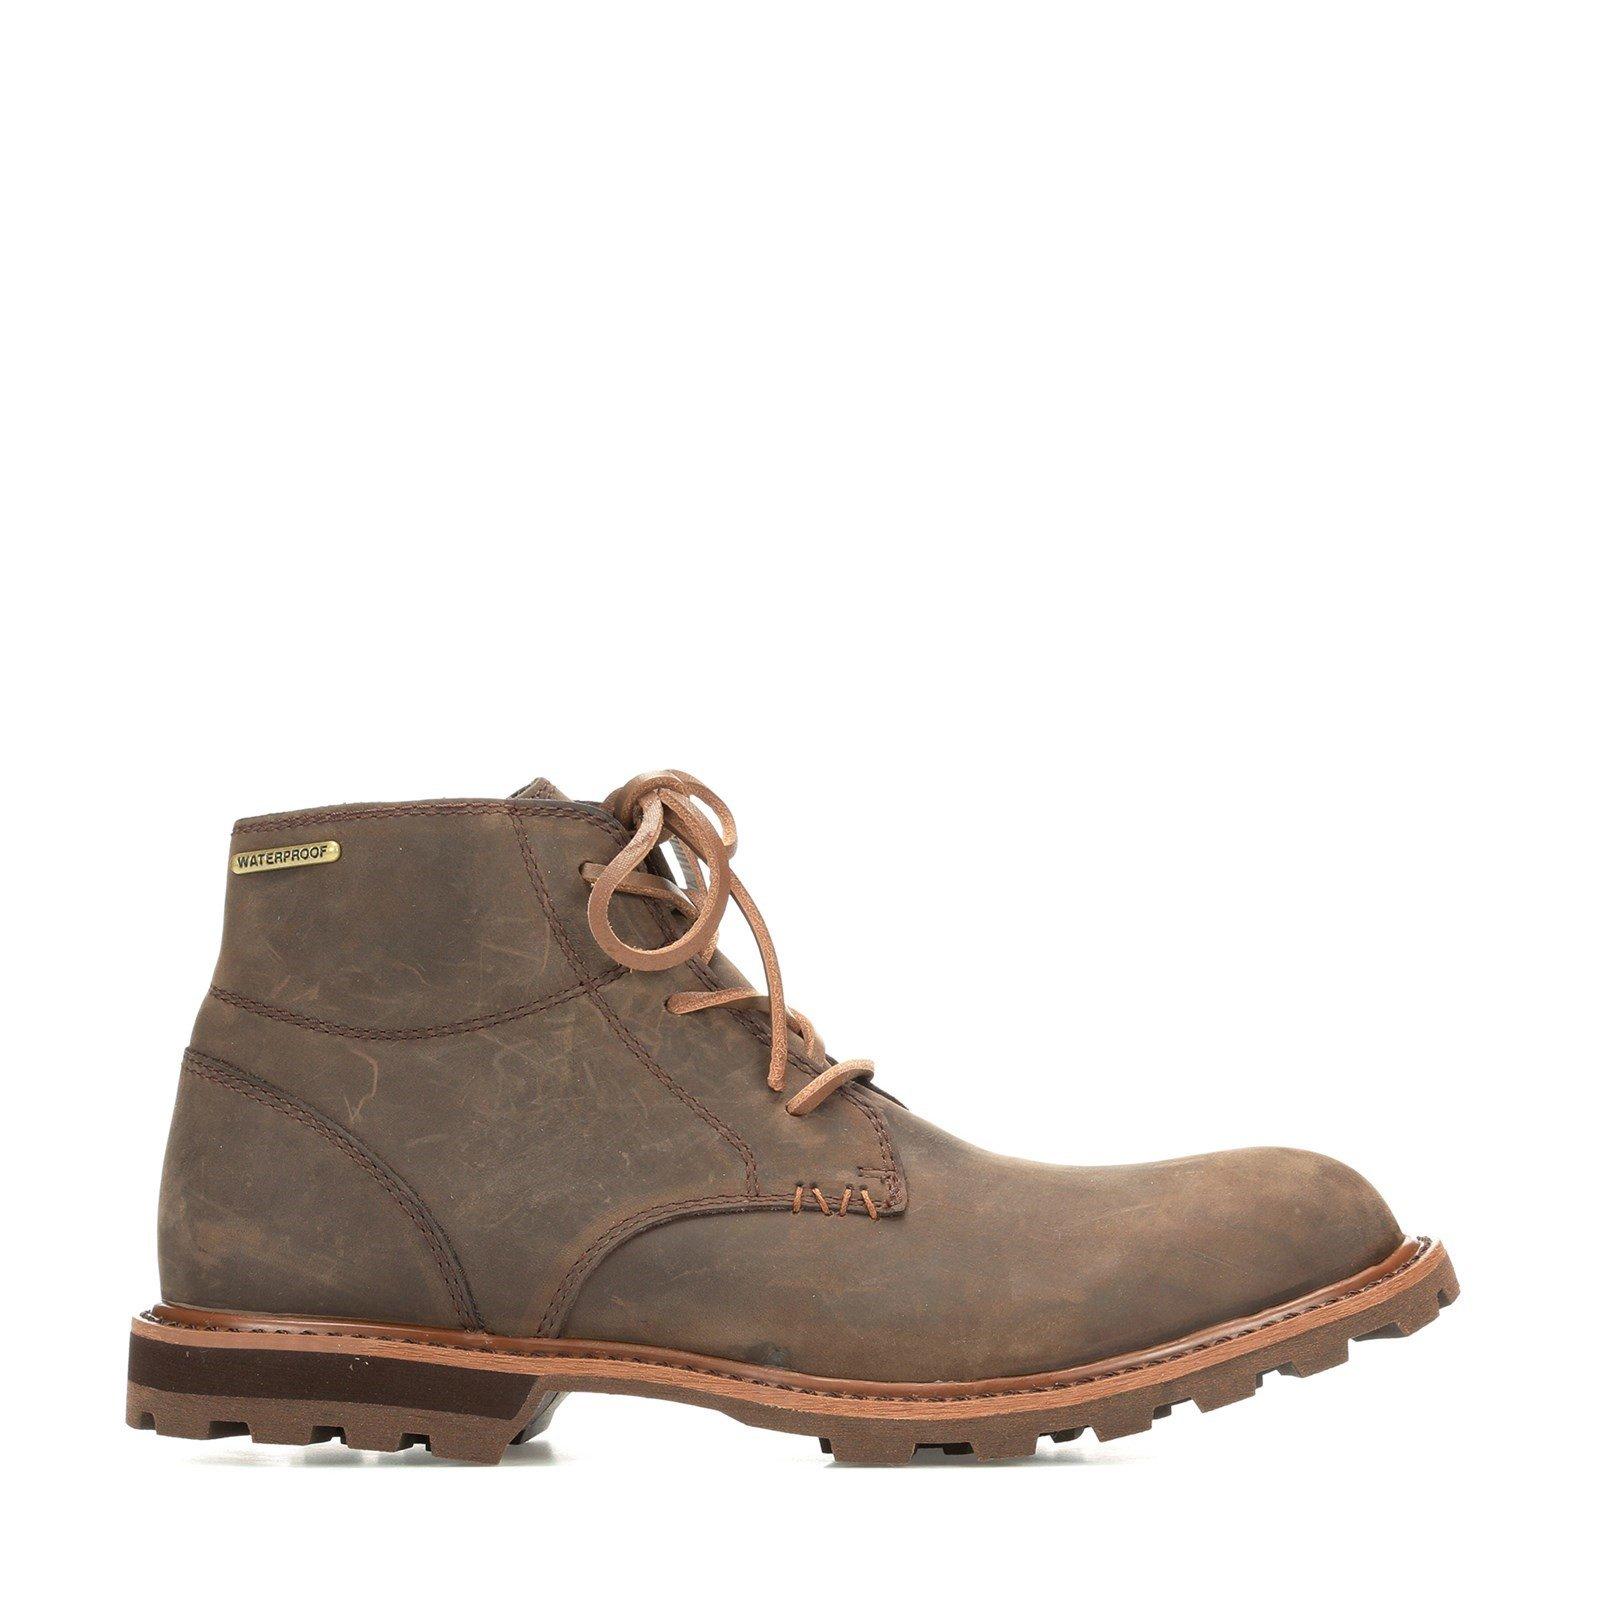 Muck Boots Men's Freeman Boot 31761 - Brown 10